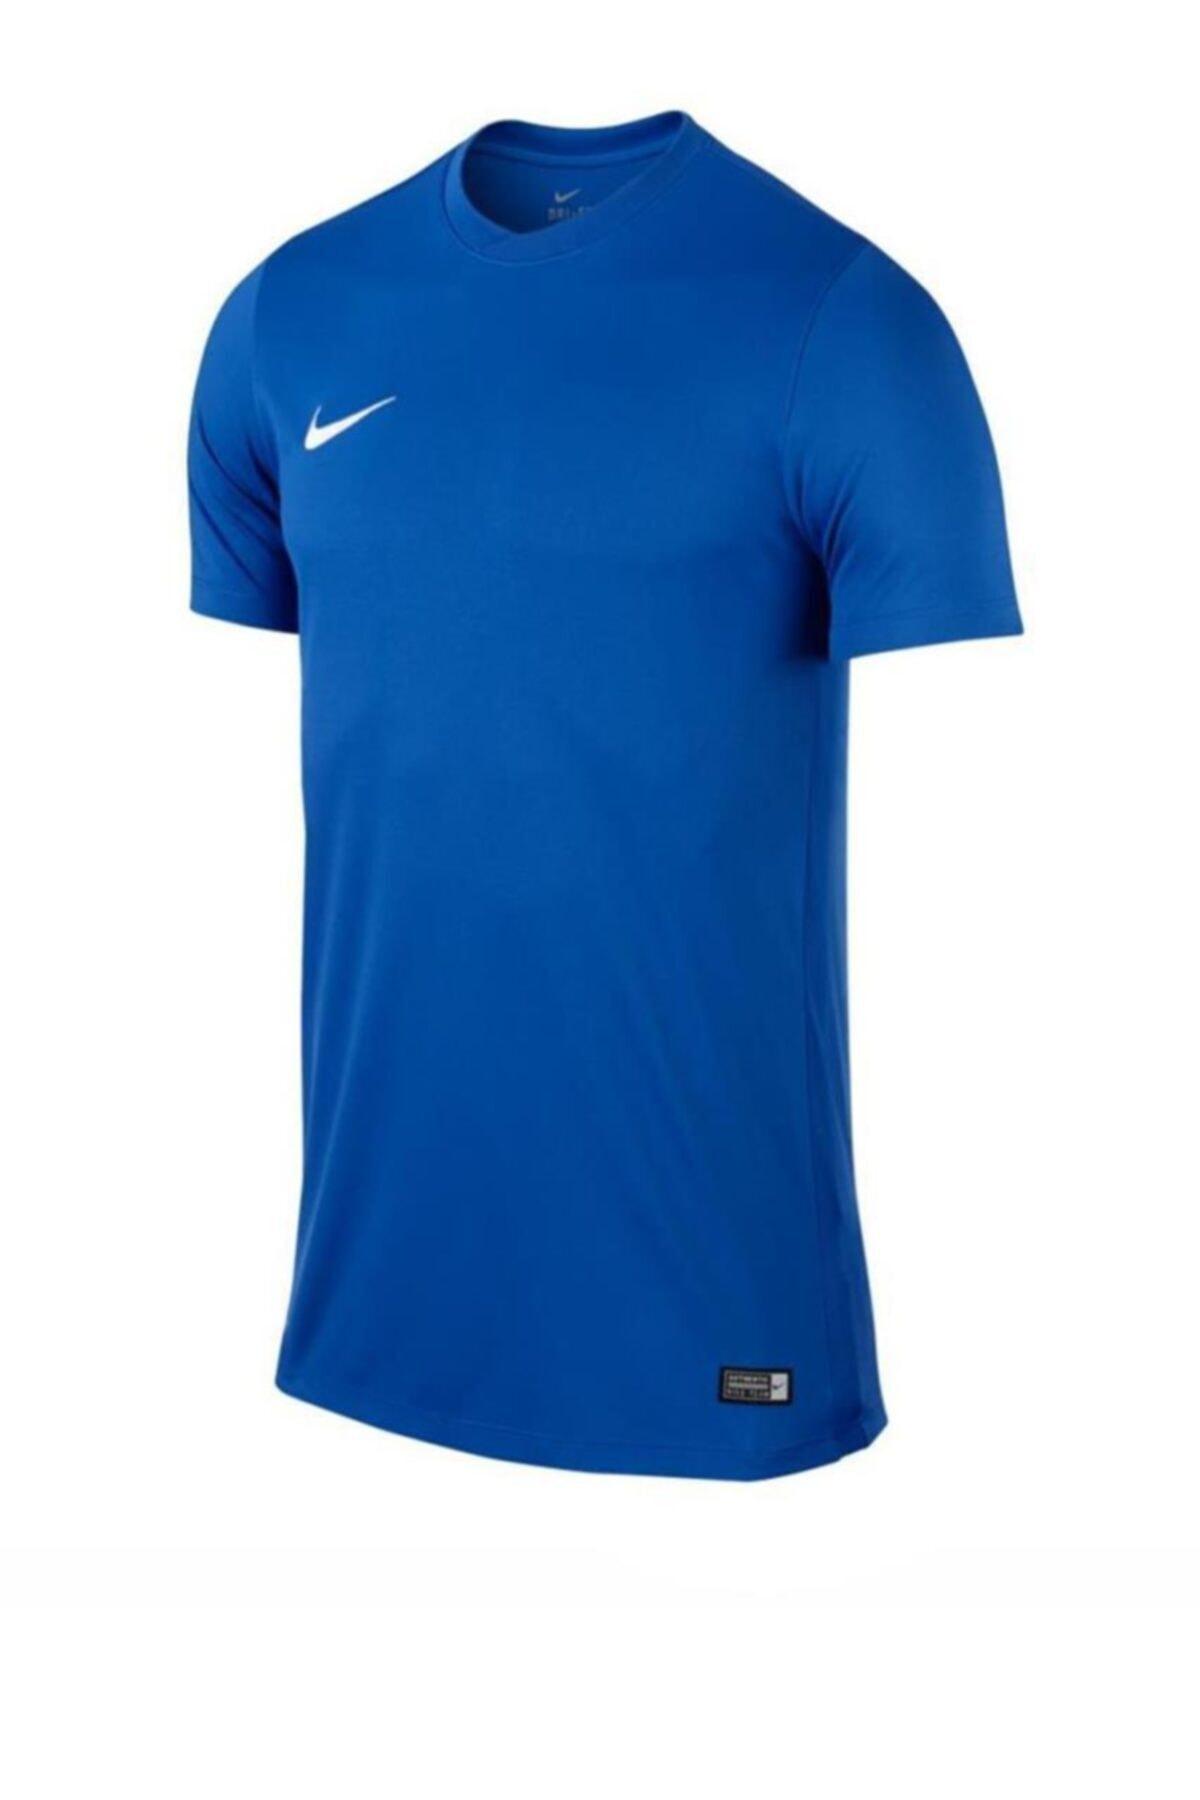 Nike Ss Park Vı Jsy 725891-463 Kısa Kol Forma 1